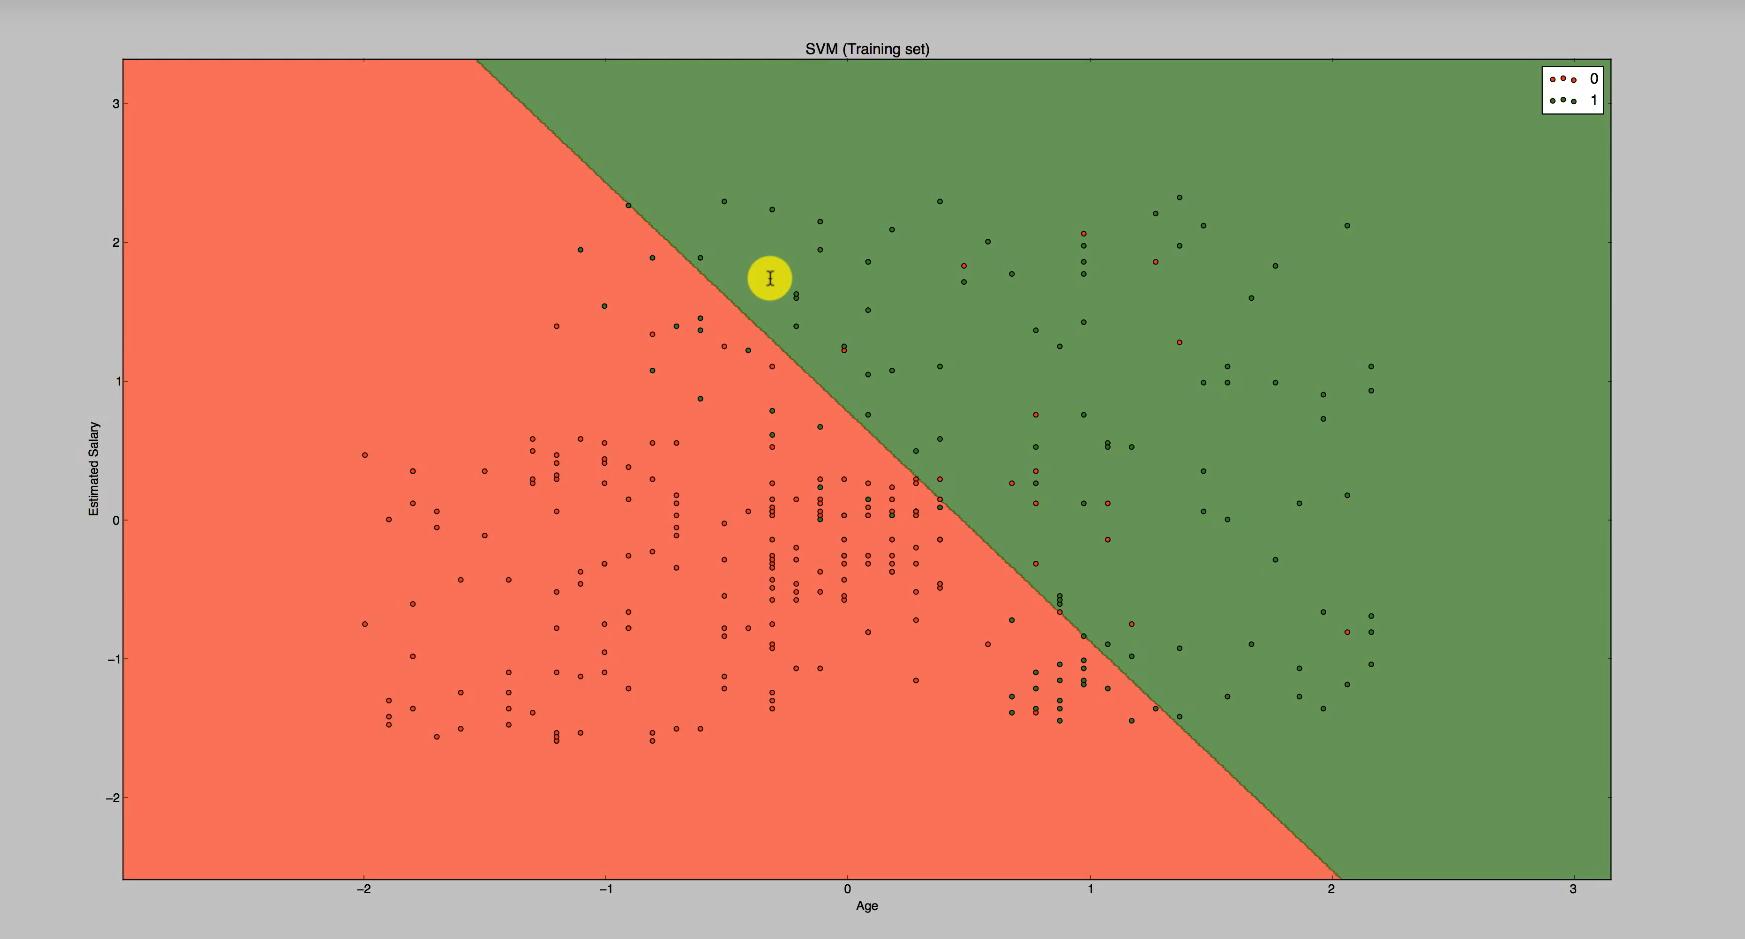 Geplottete Graphik zur Klassifizierung mithilfe des Maschinenlernen-Algorithmus Support Vector Machine (SVM)